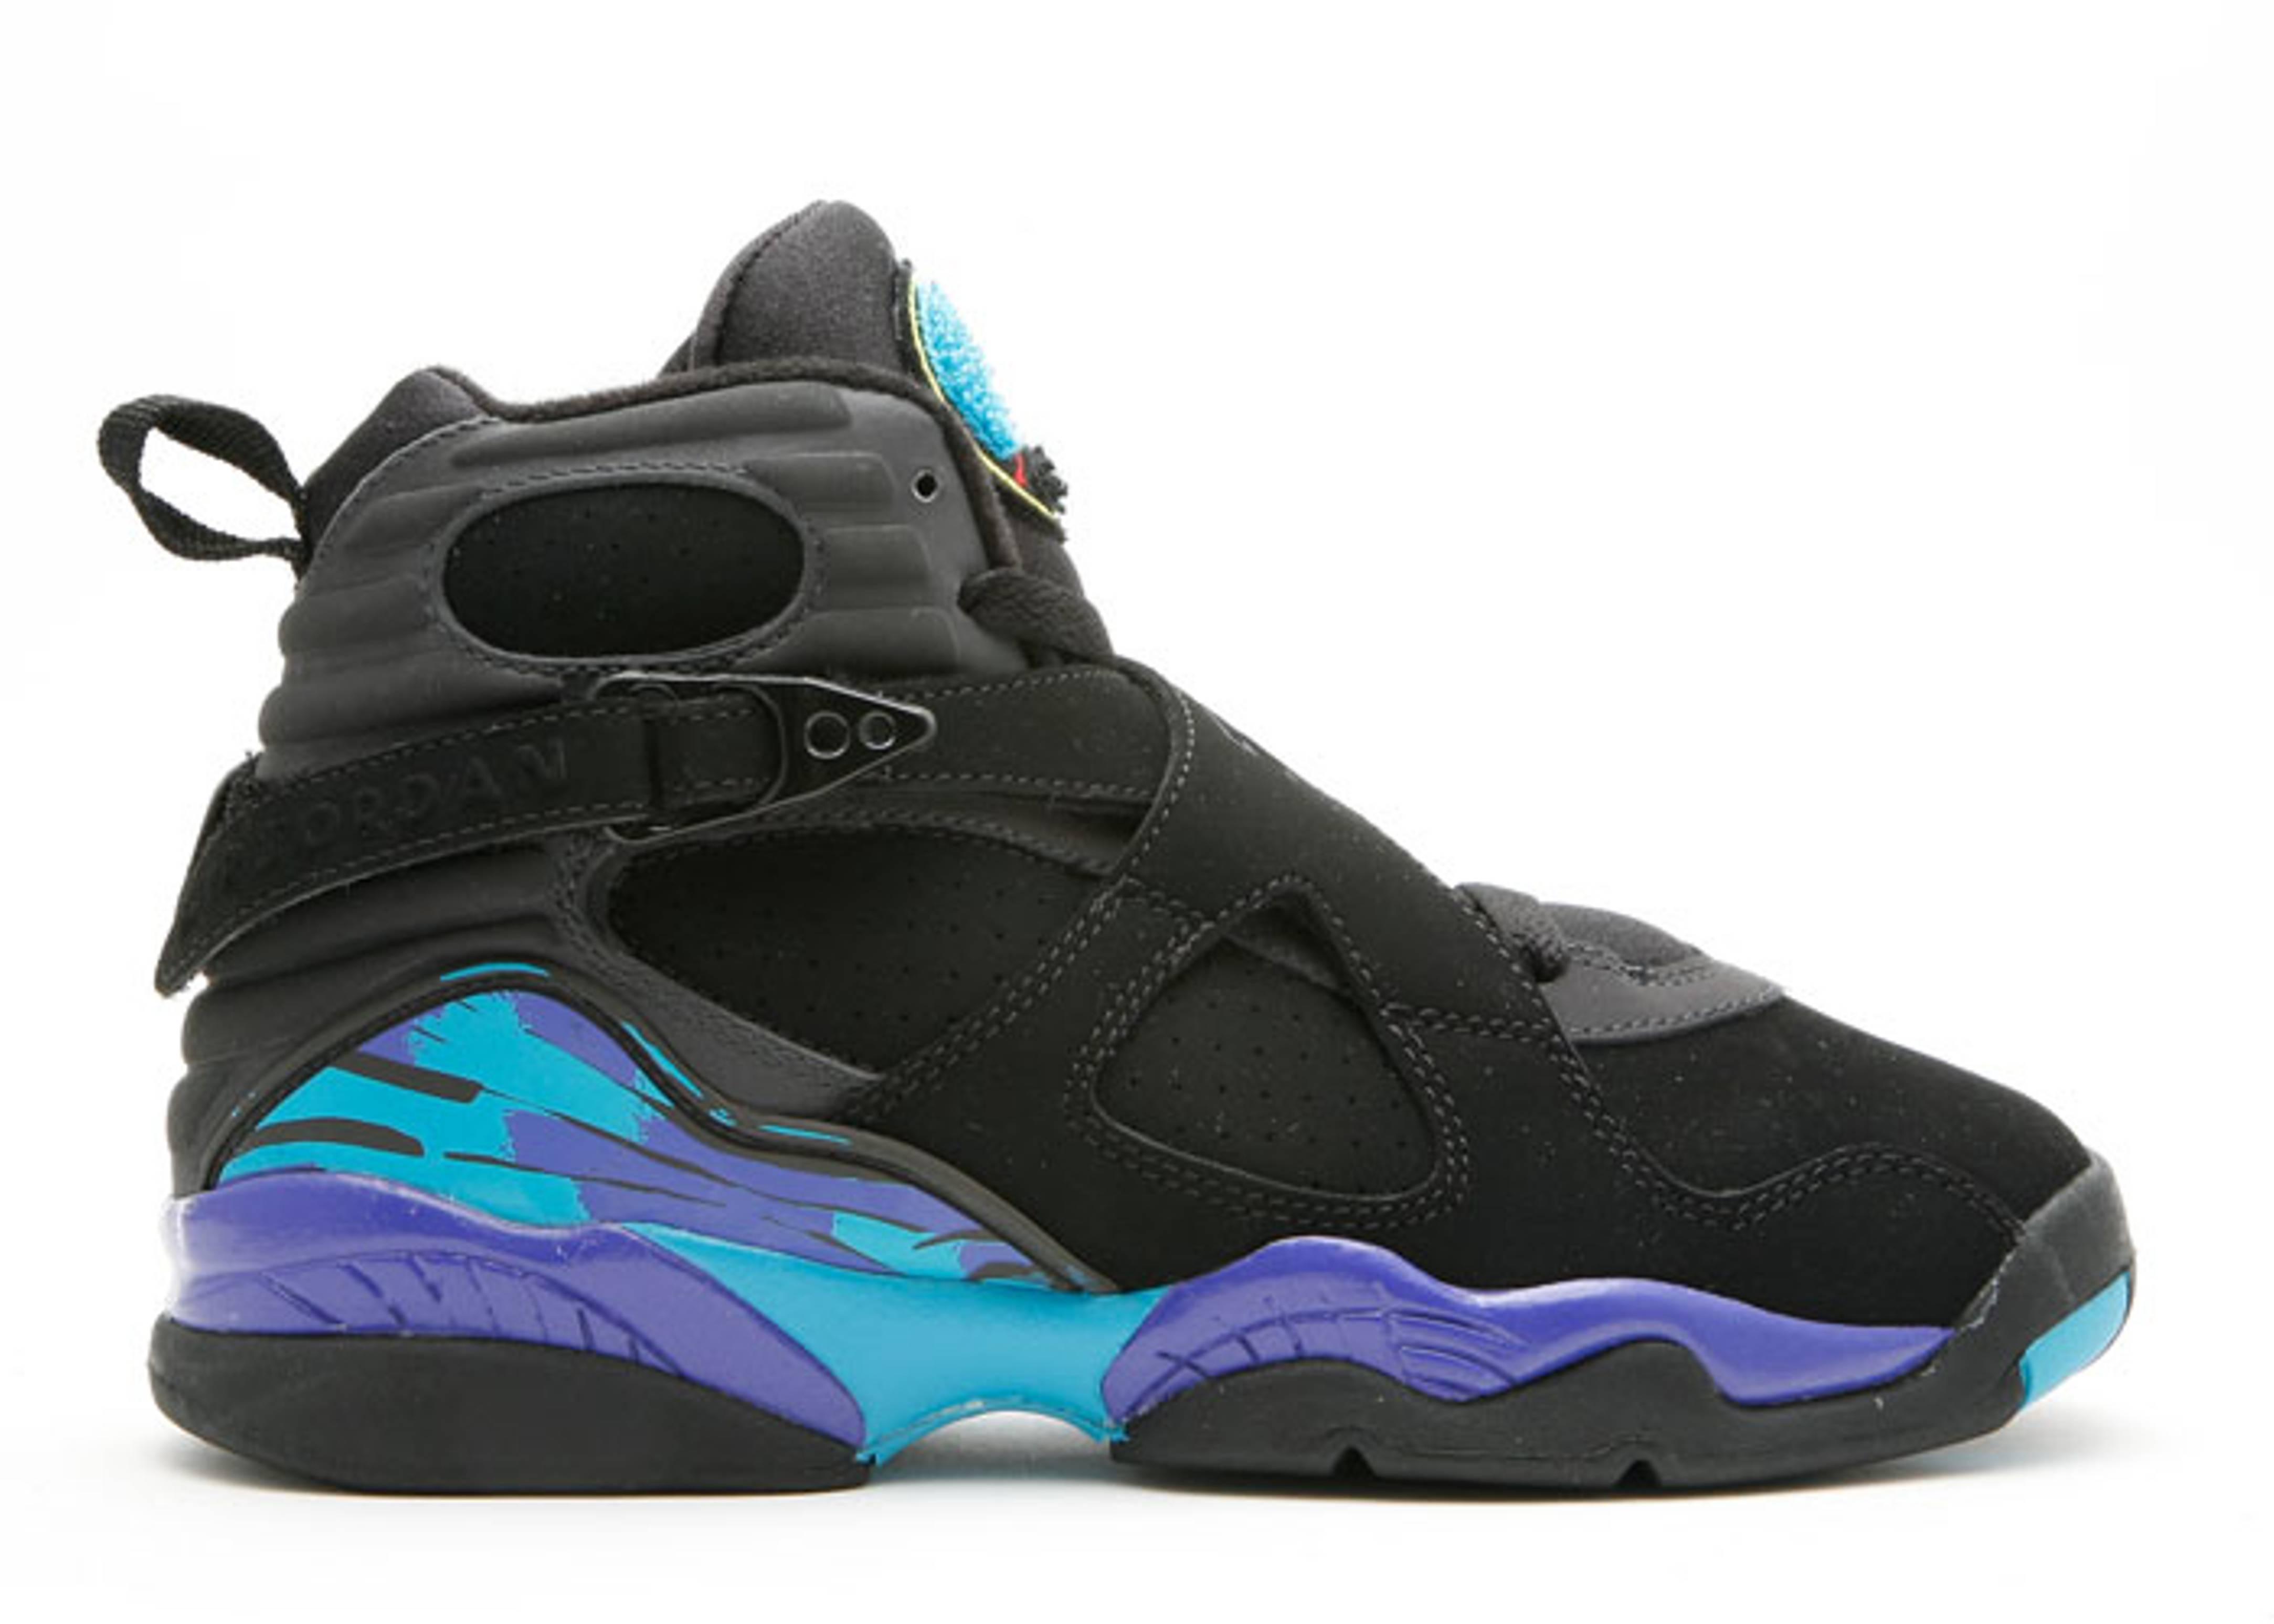 nike air max hommes 1995 - Air Jordan 8 - Air Jordans | Flight Club